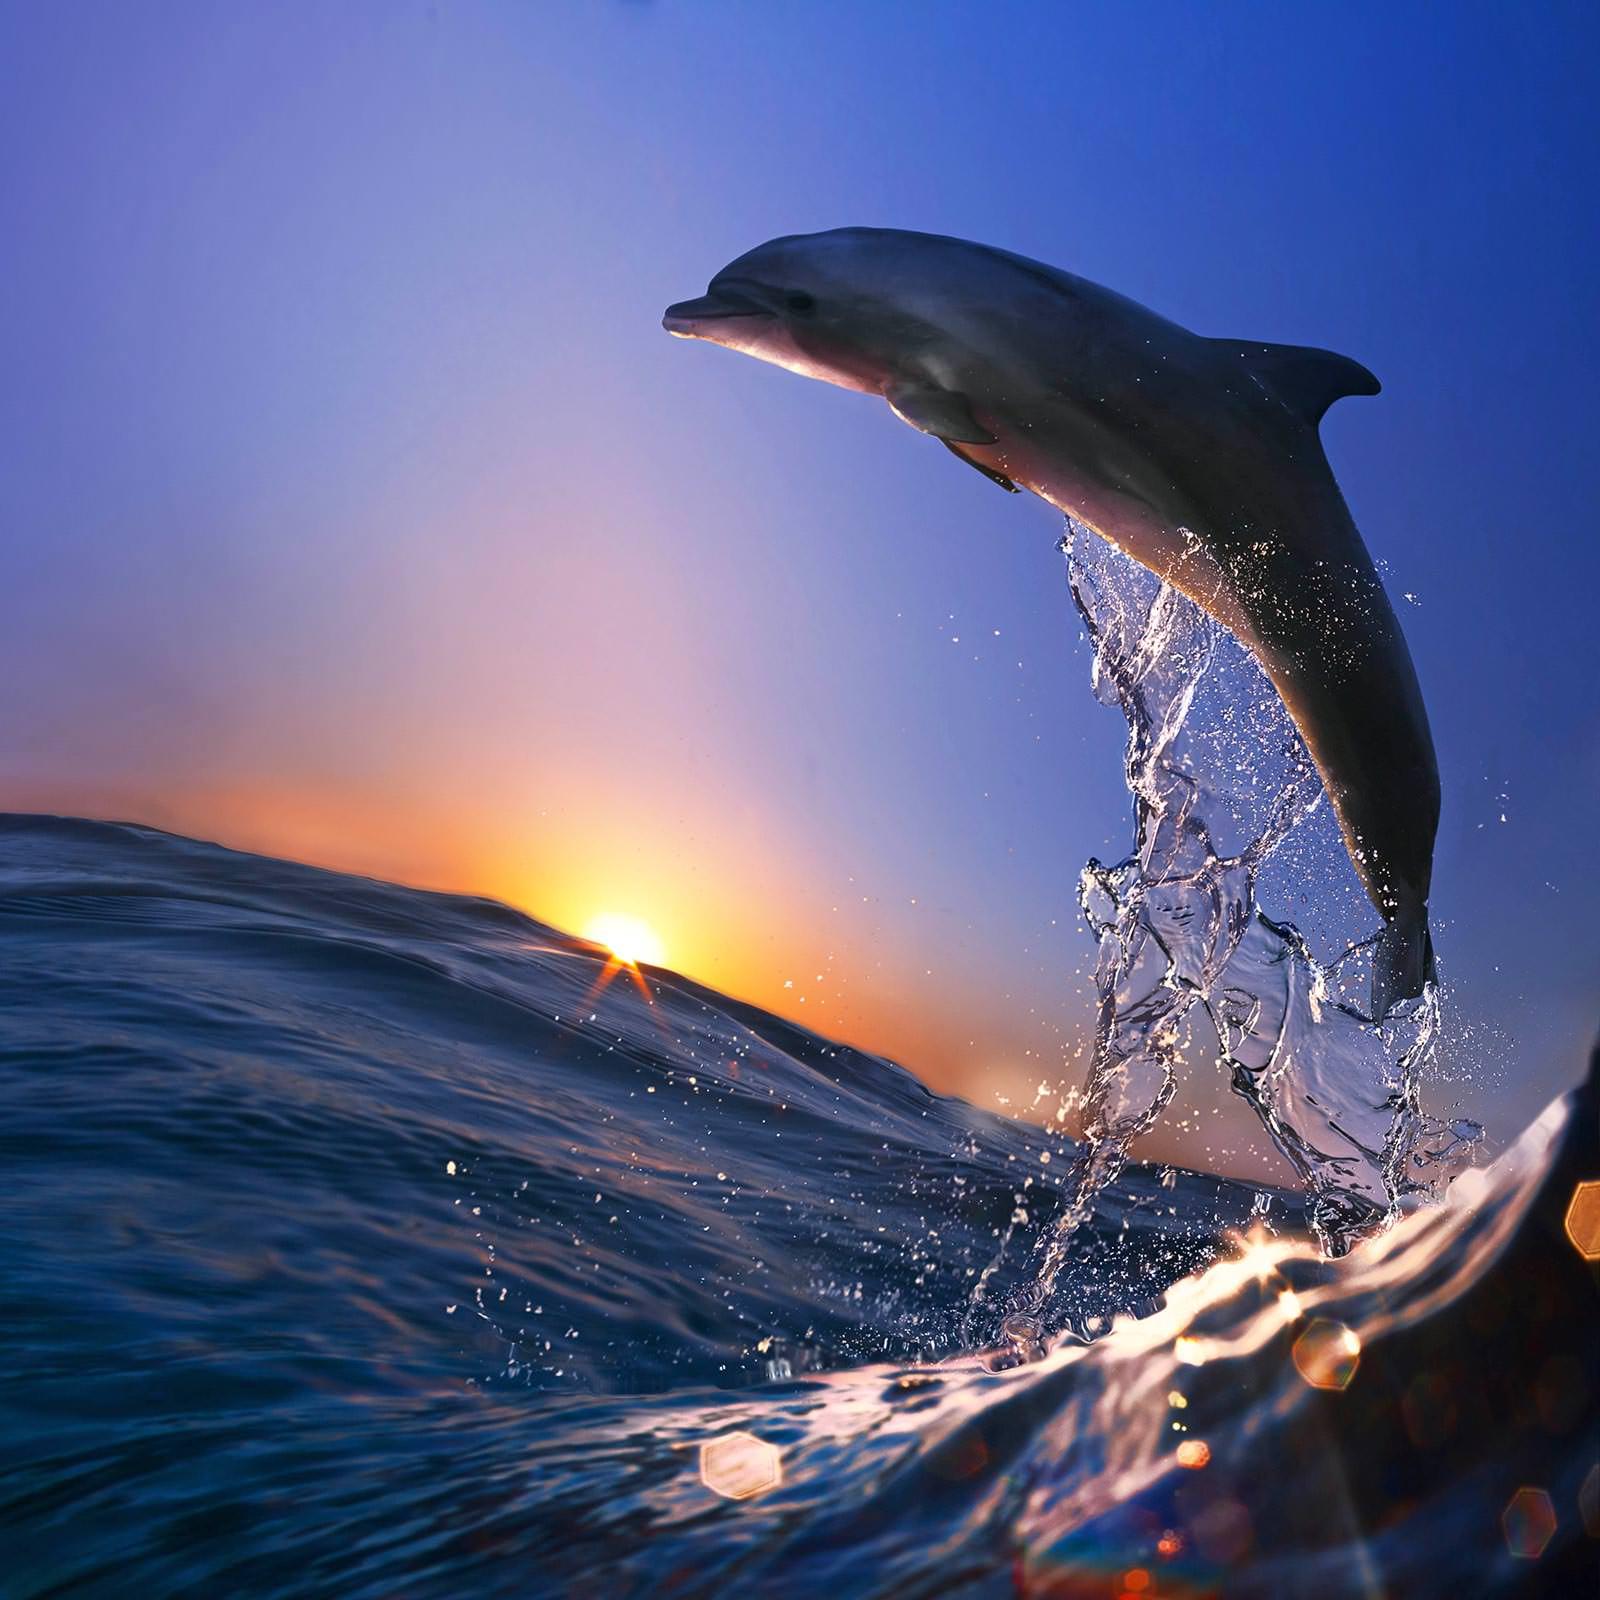 фотографии дельфинов в хорошем качестве девушка танец